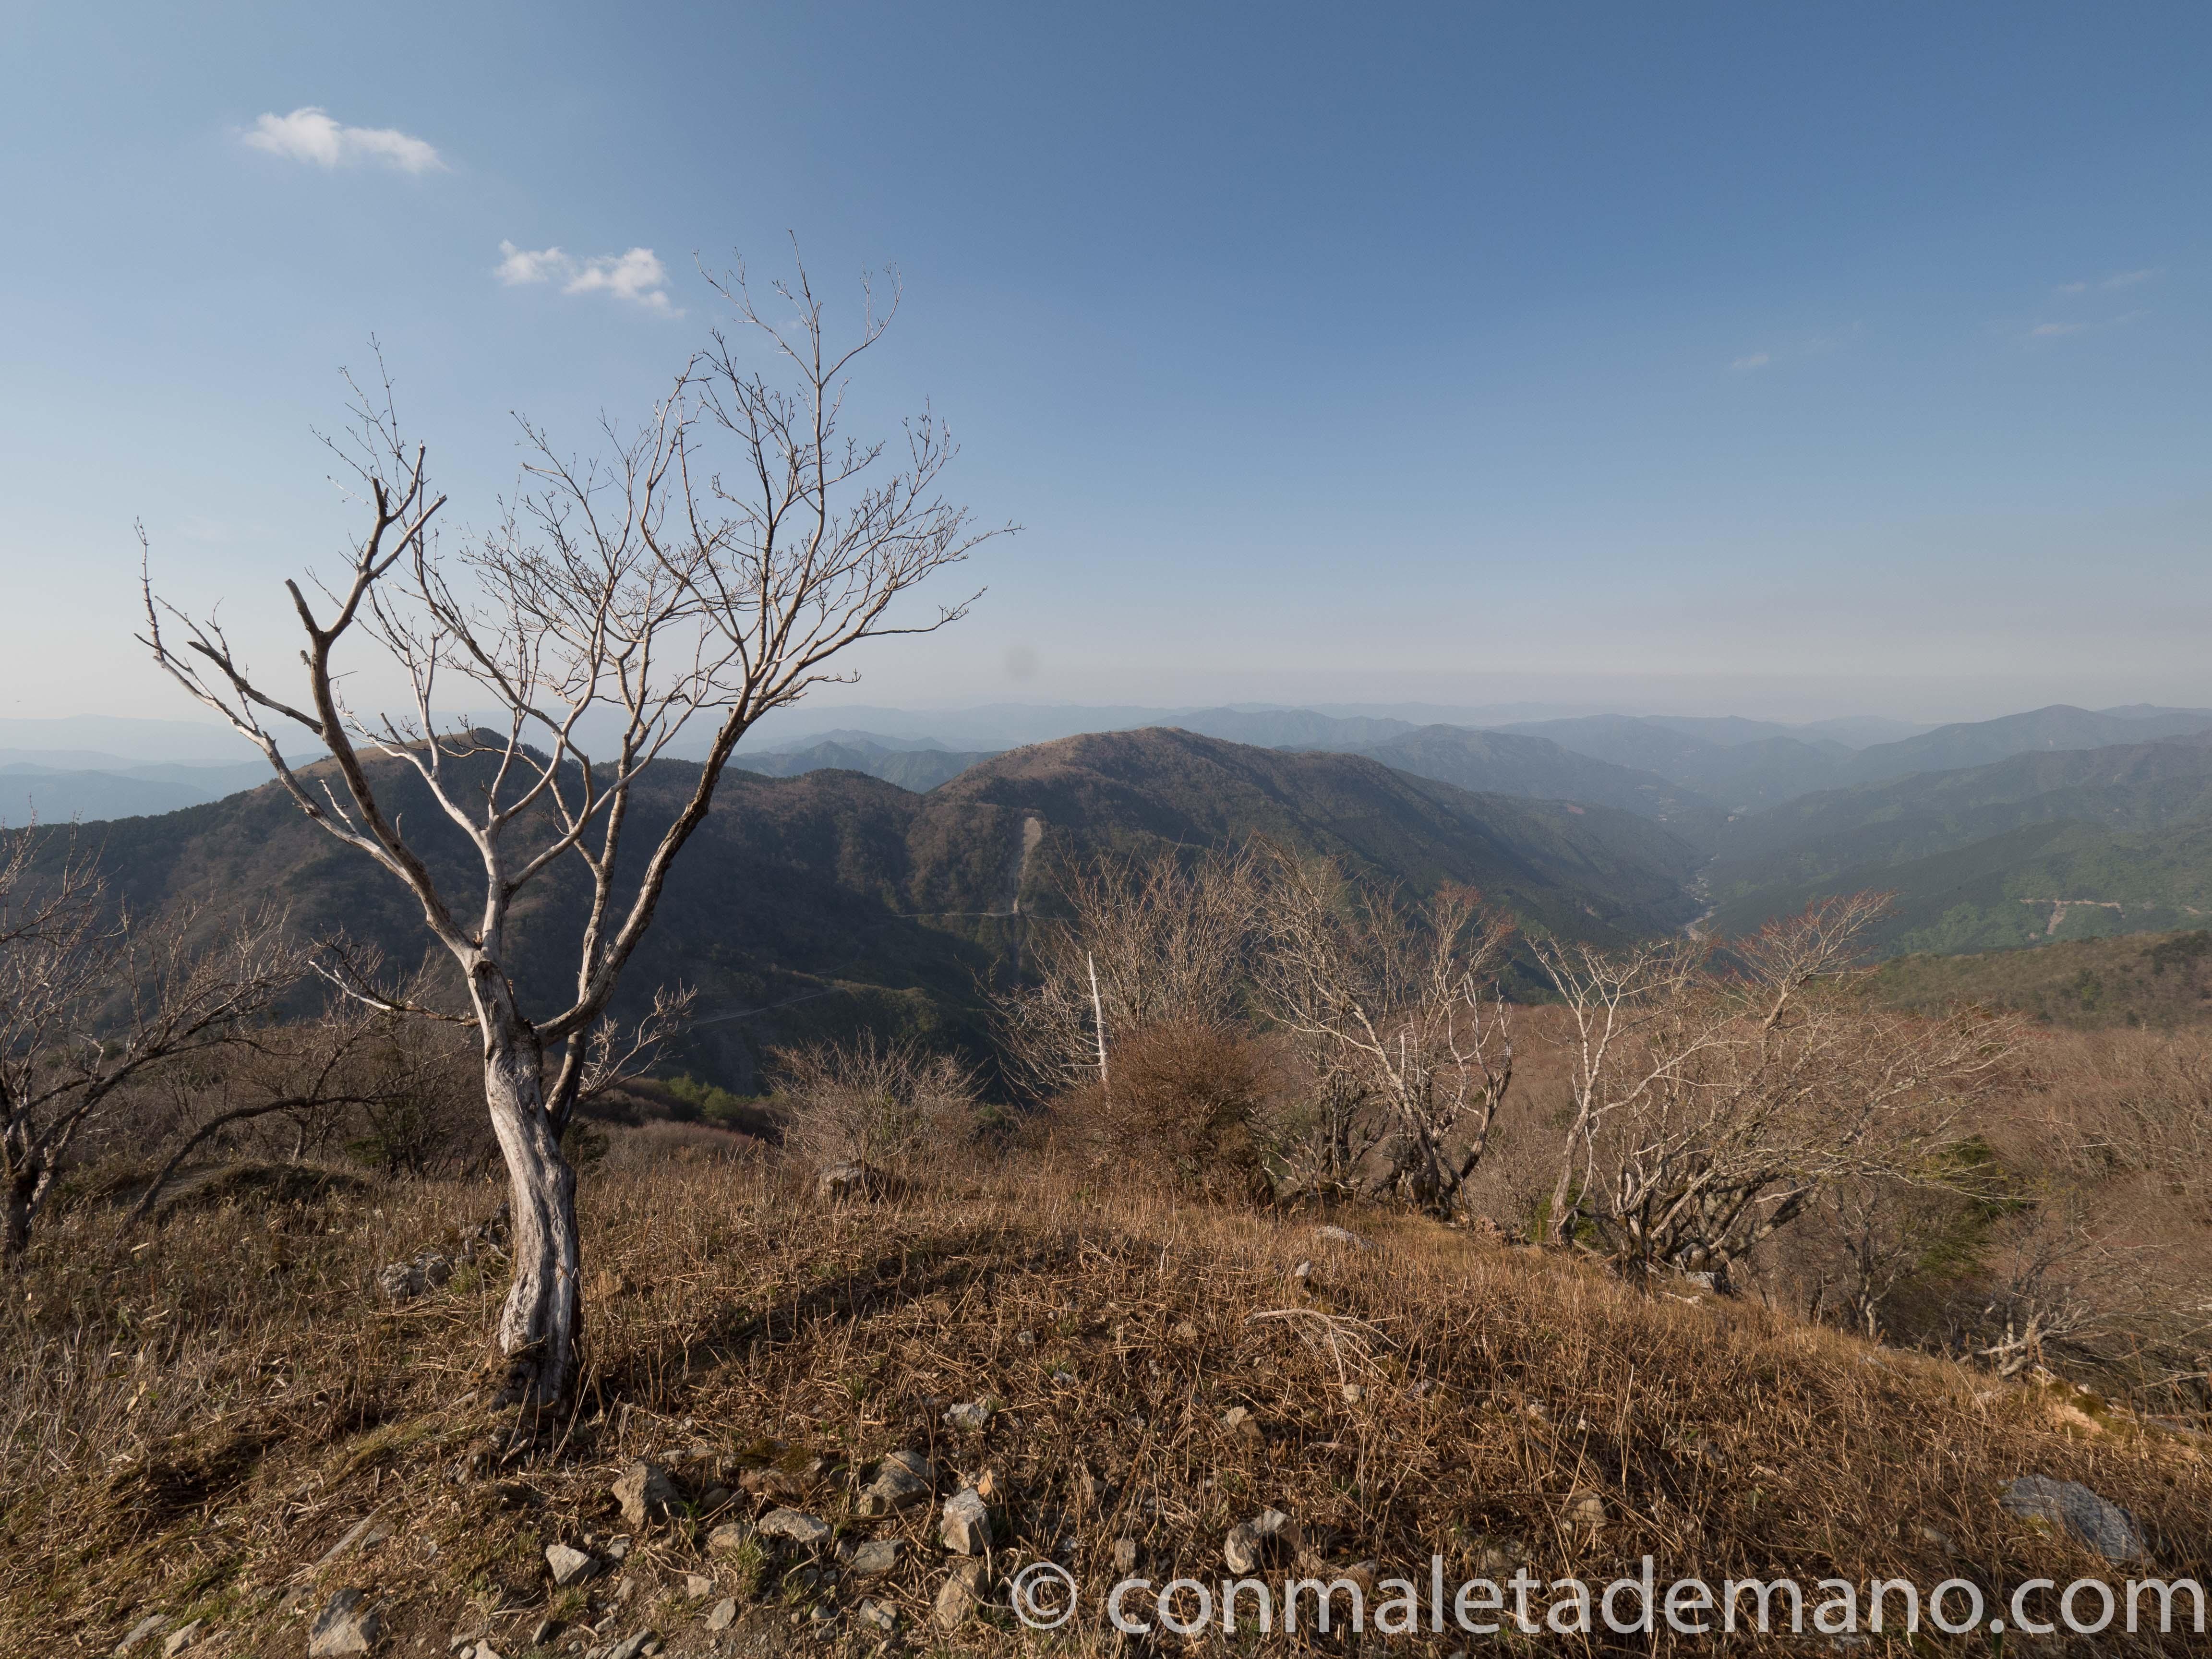 Paisaje subiendo al Monte Tsurugi, Valle de Iya